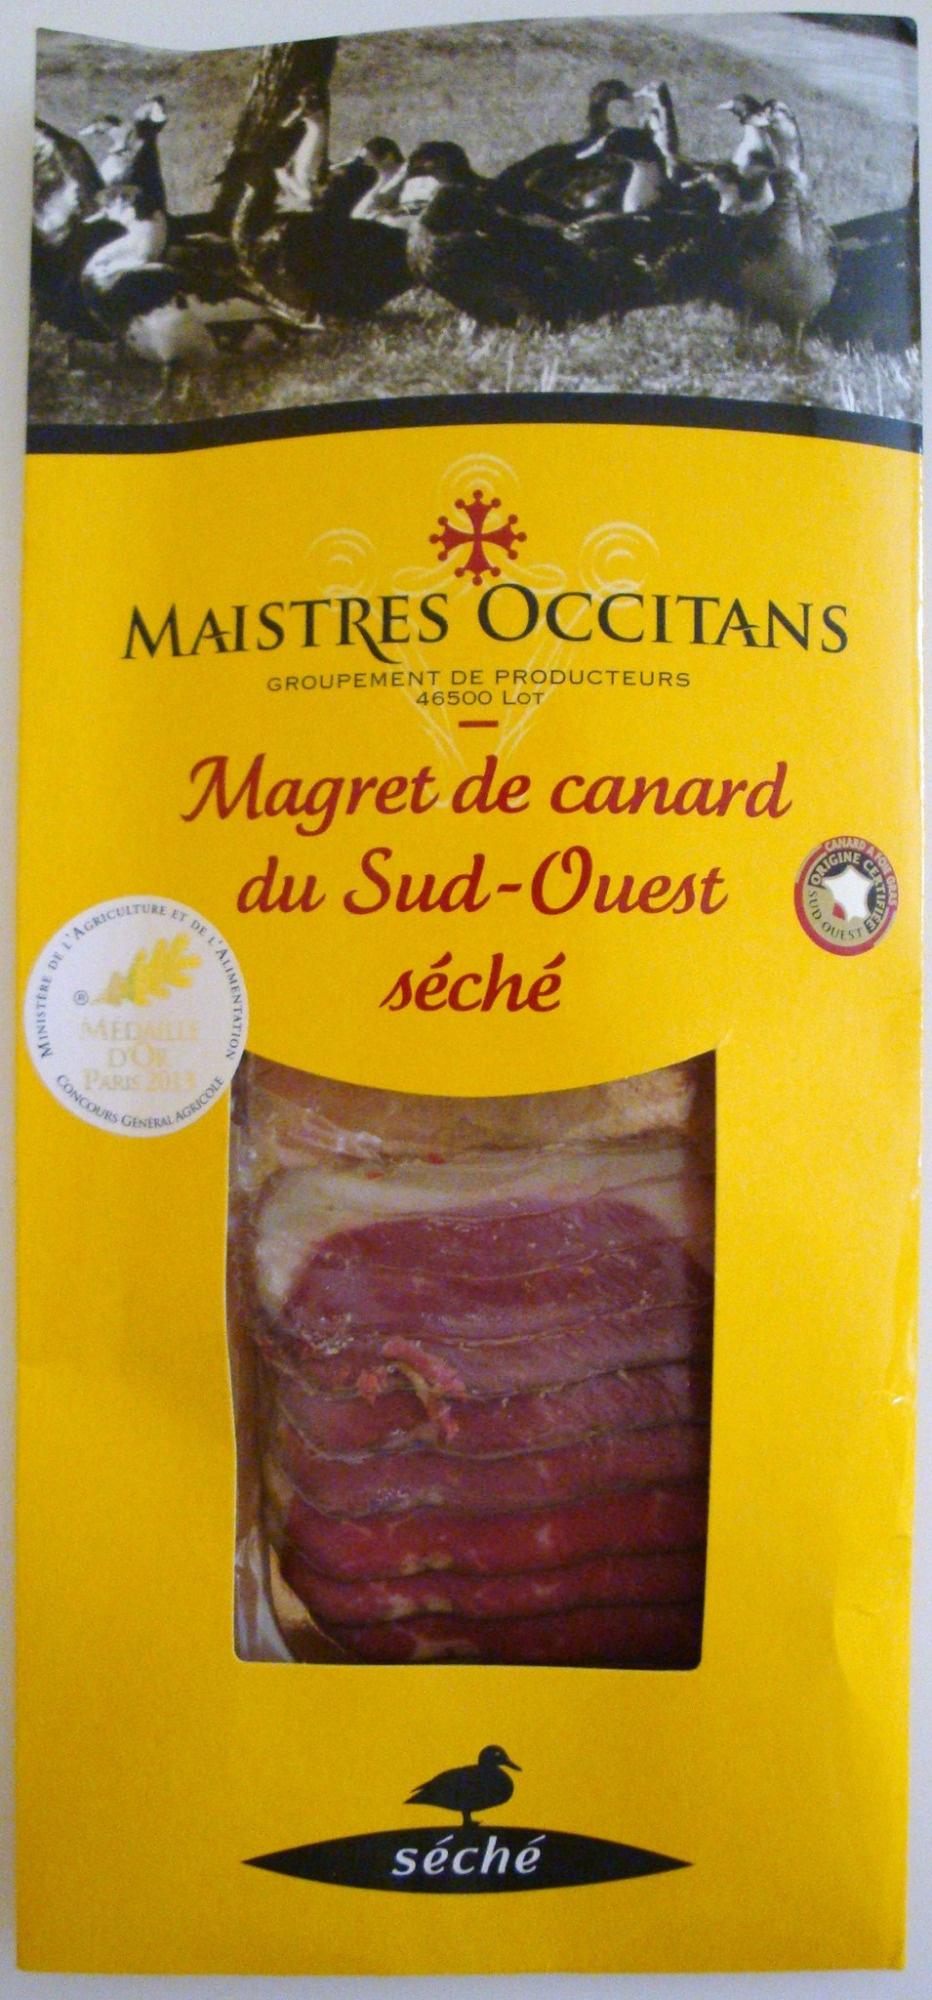 Magret de canard du Sud-Ouest séché - Product - fr